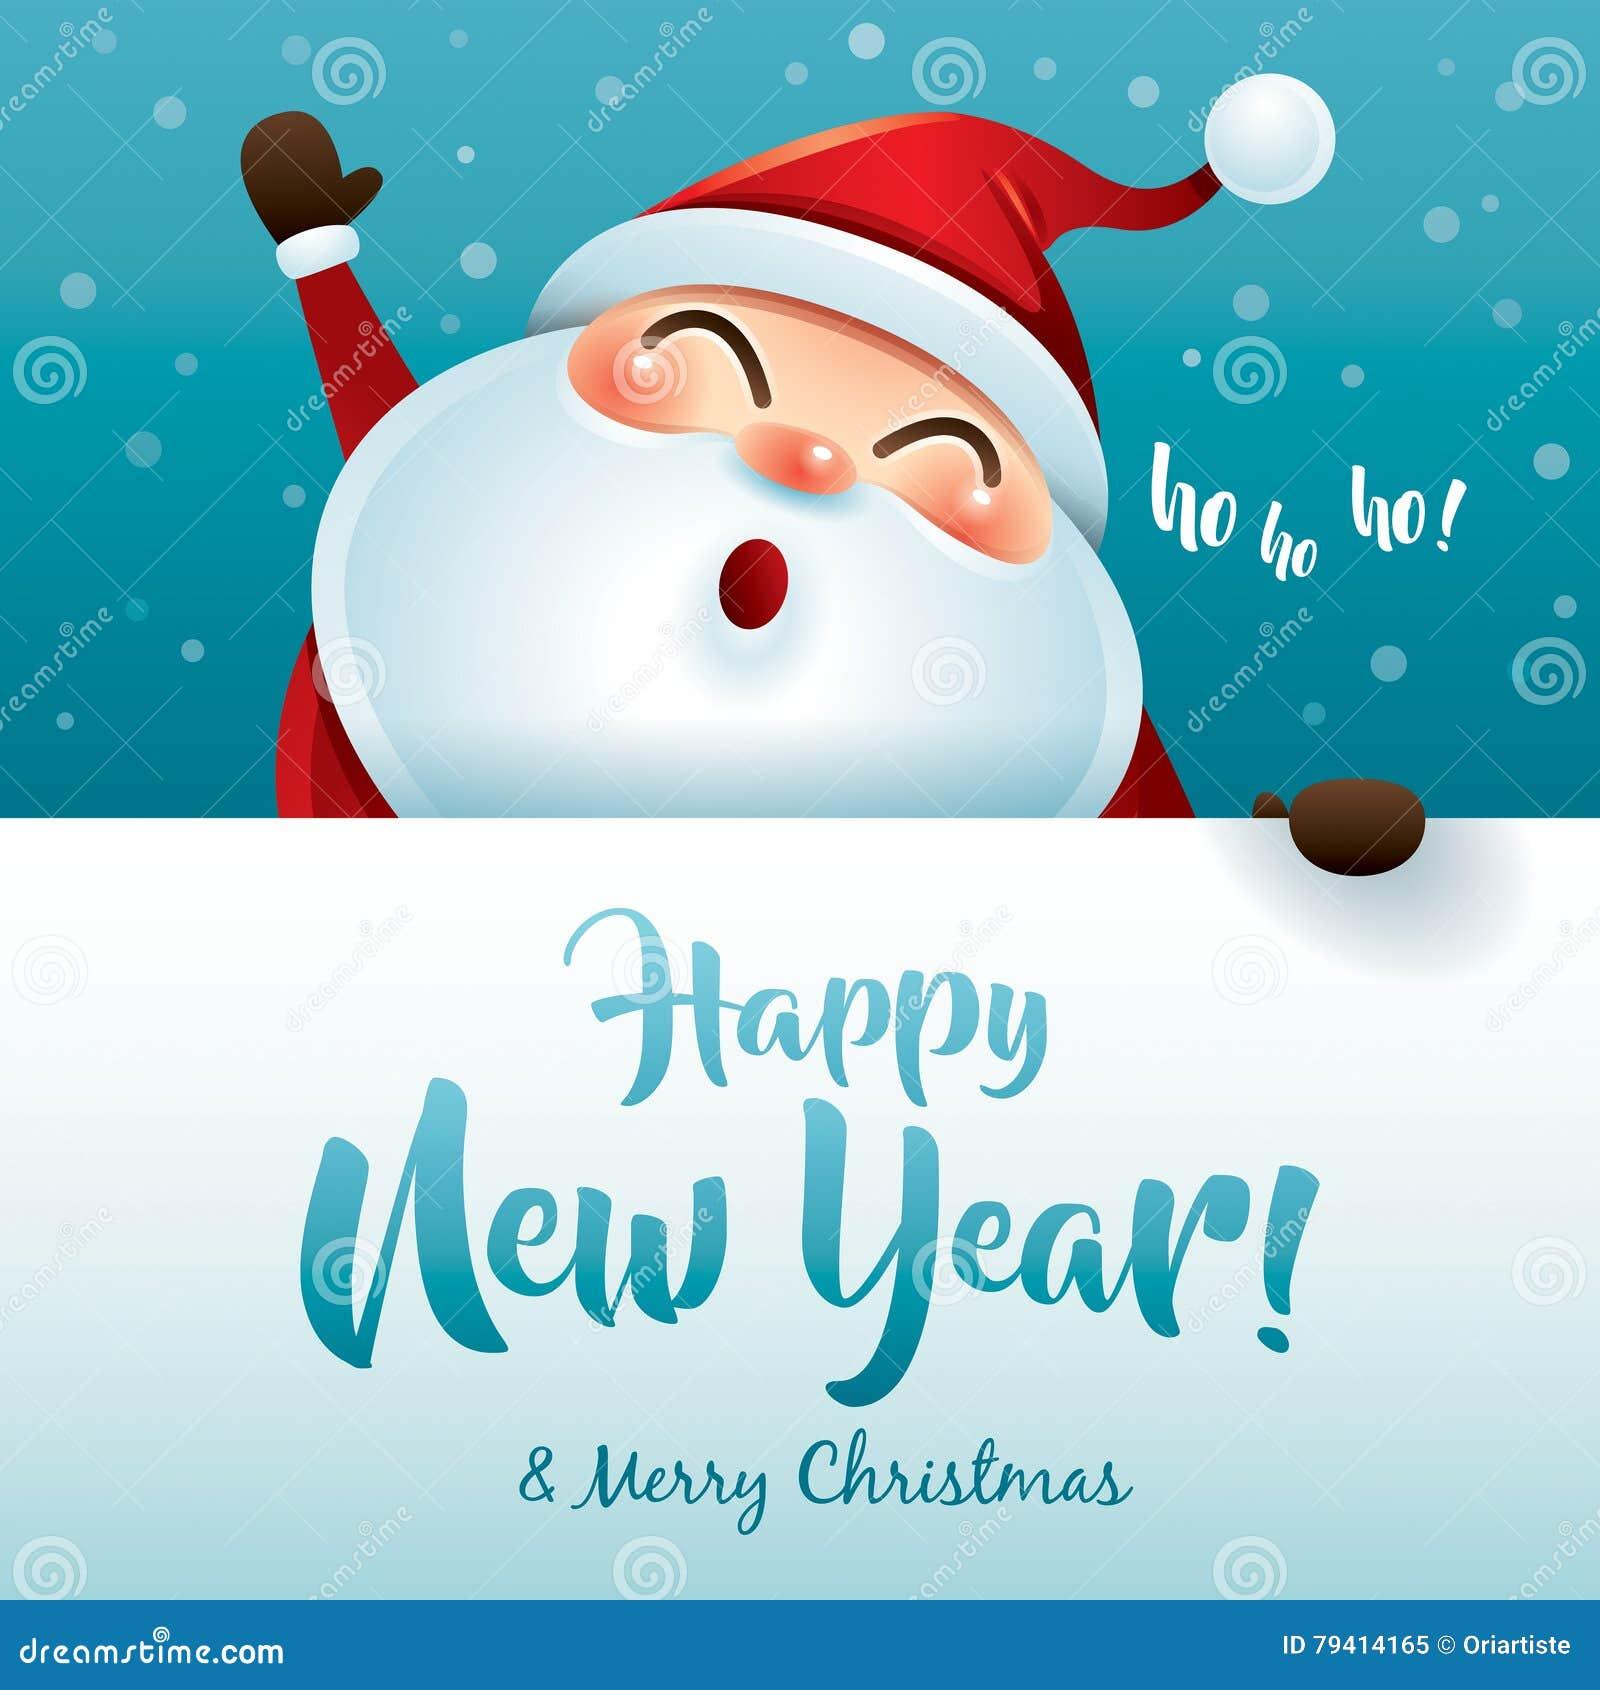 HO HO HO! Happy New Year And Merry Christmas! Stock Vector ...